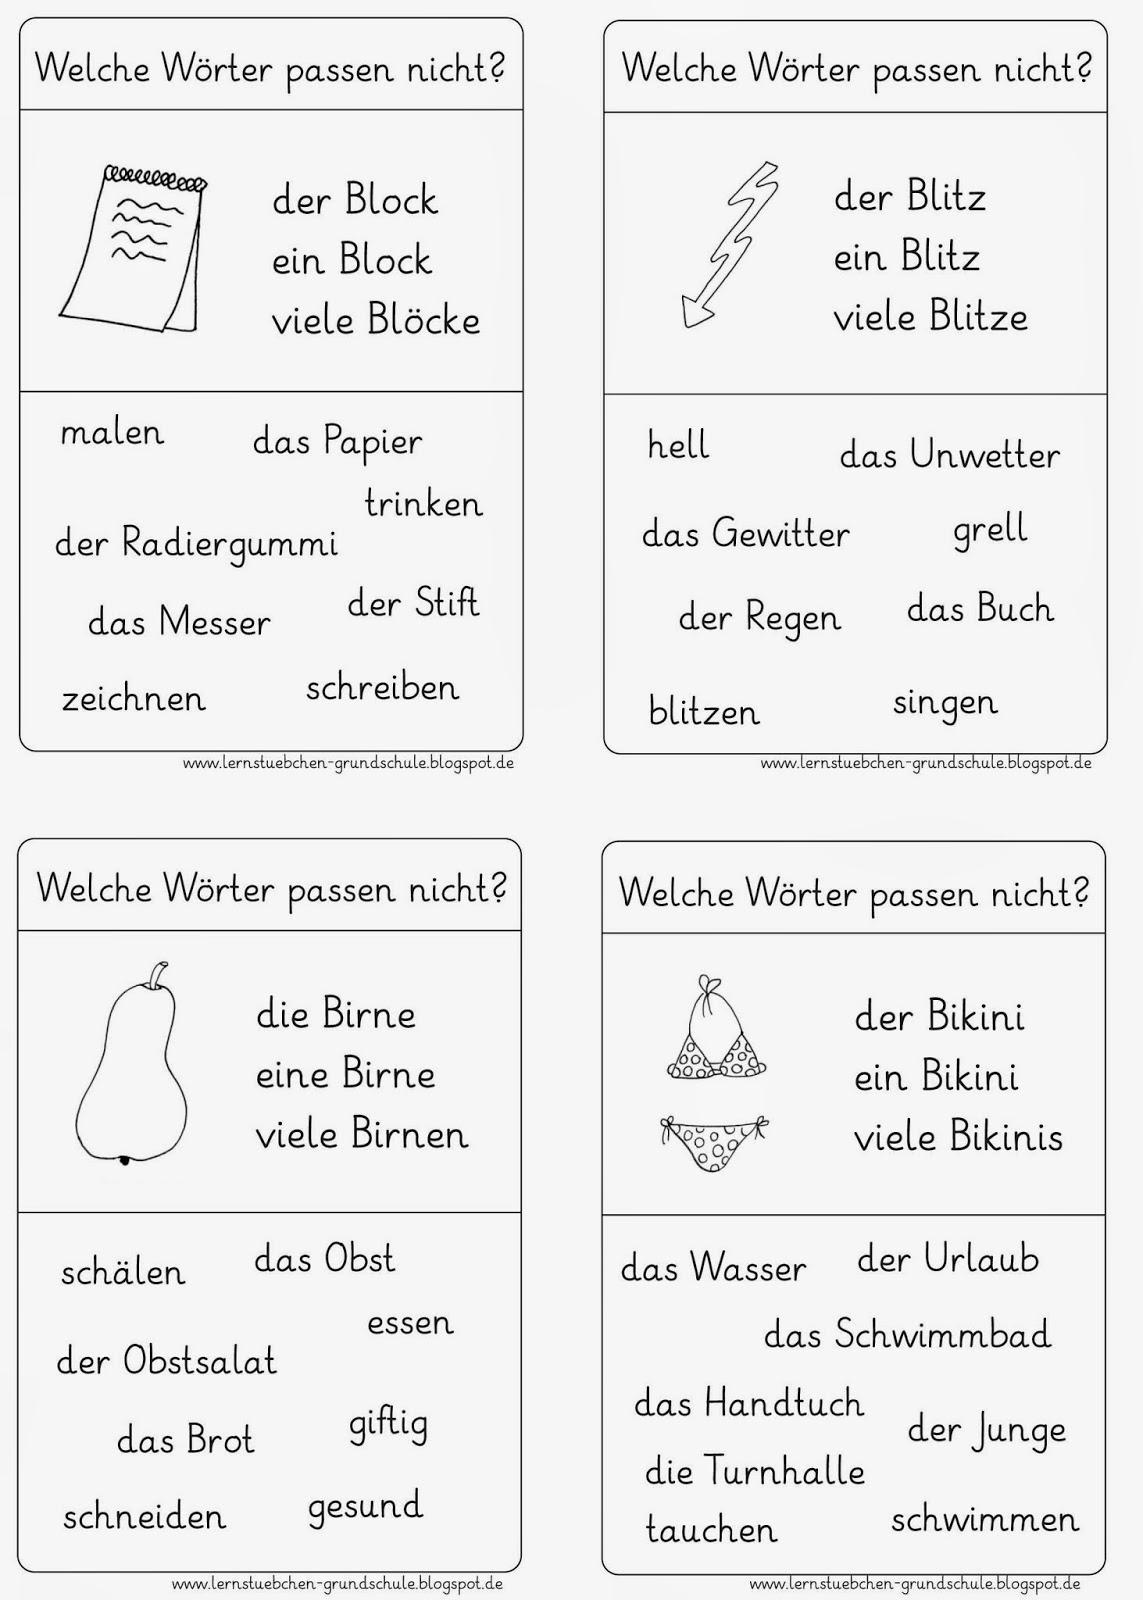 Lernstübchen: Leseübung rund um B-Wörter